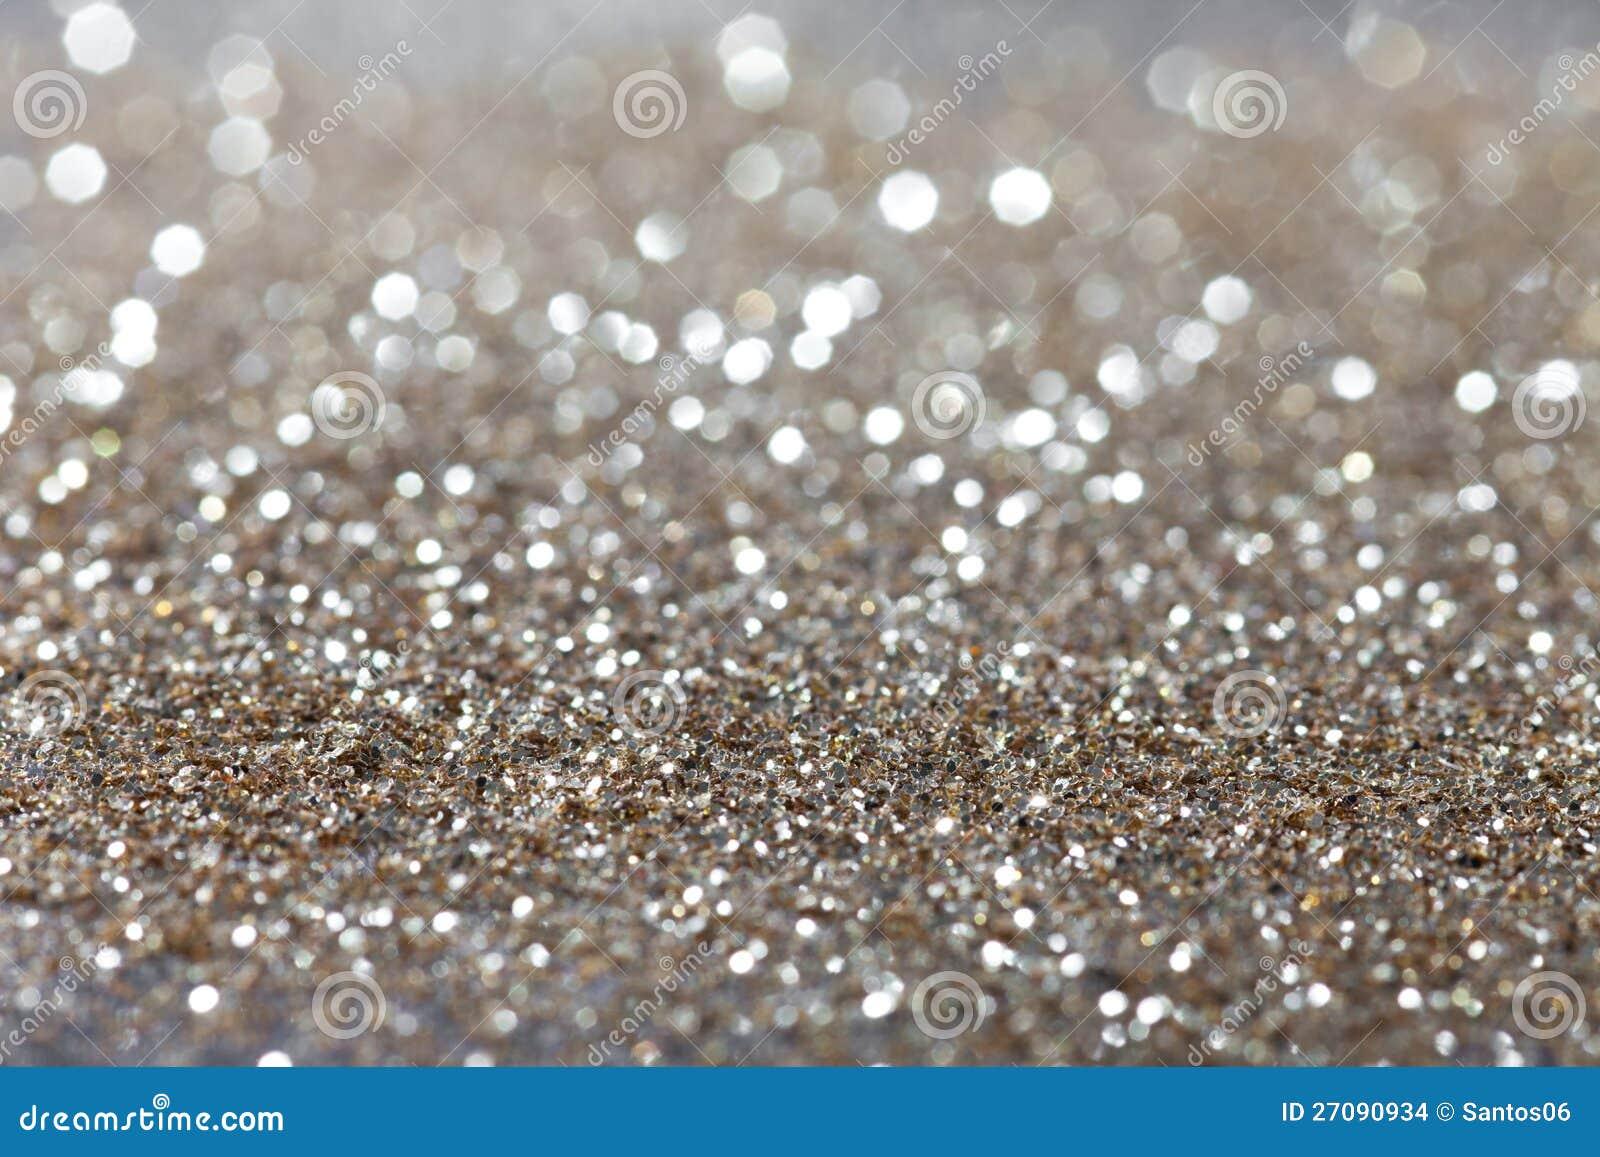 Silber Funkelte Hintergrund - Weihnachten Stockfoto - Bild von ...